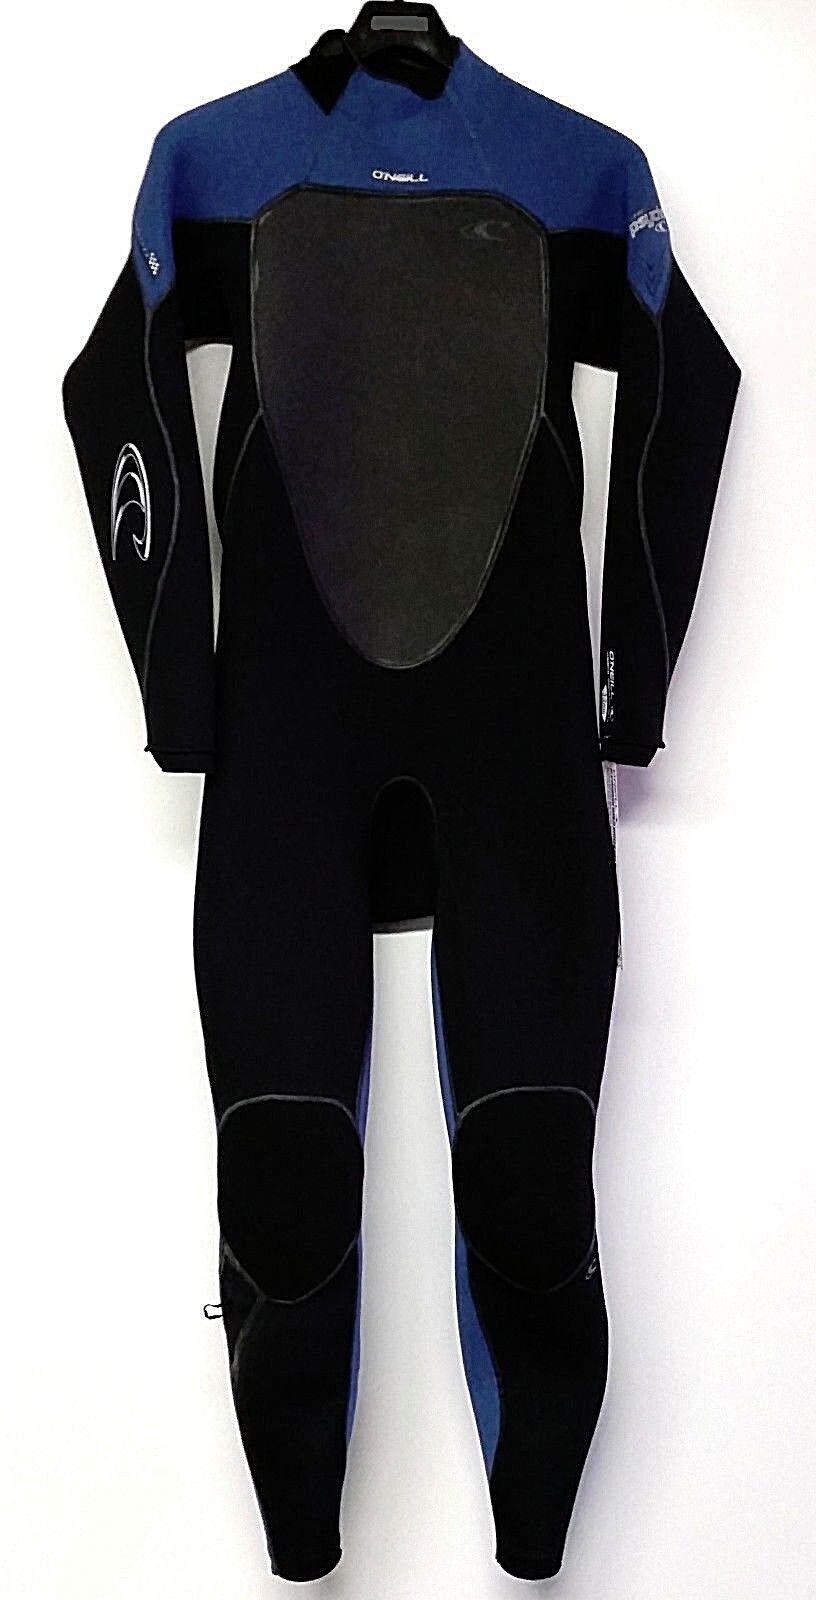 81c4d0946769 O'NEILL Men's 3 2 PSYCHO 3 Zen-Zip Wetsuit Wetsuit Wetsuit - Blk DeepSea  Blk - Medium - NWT 356672